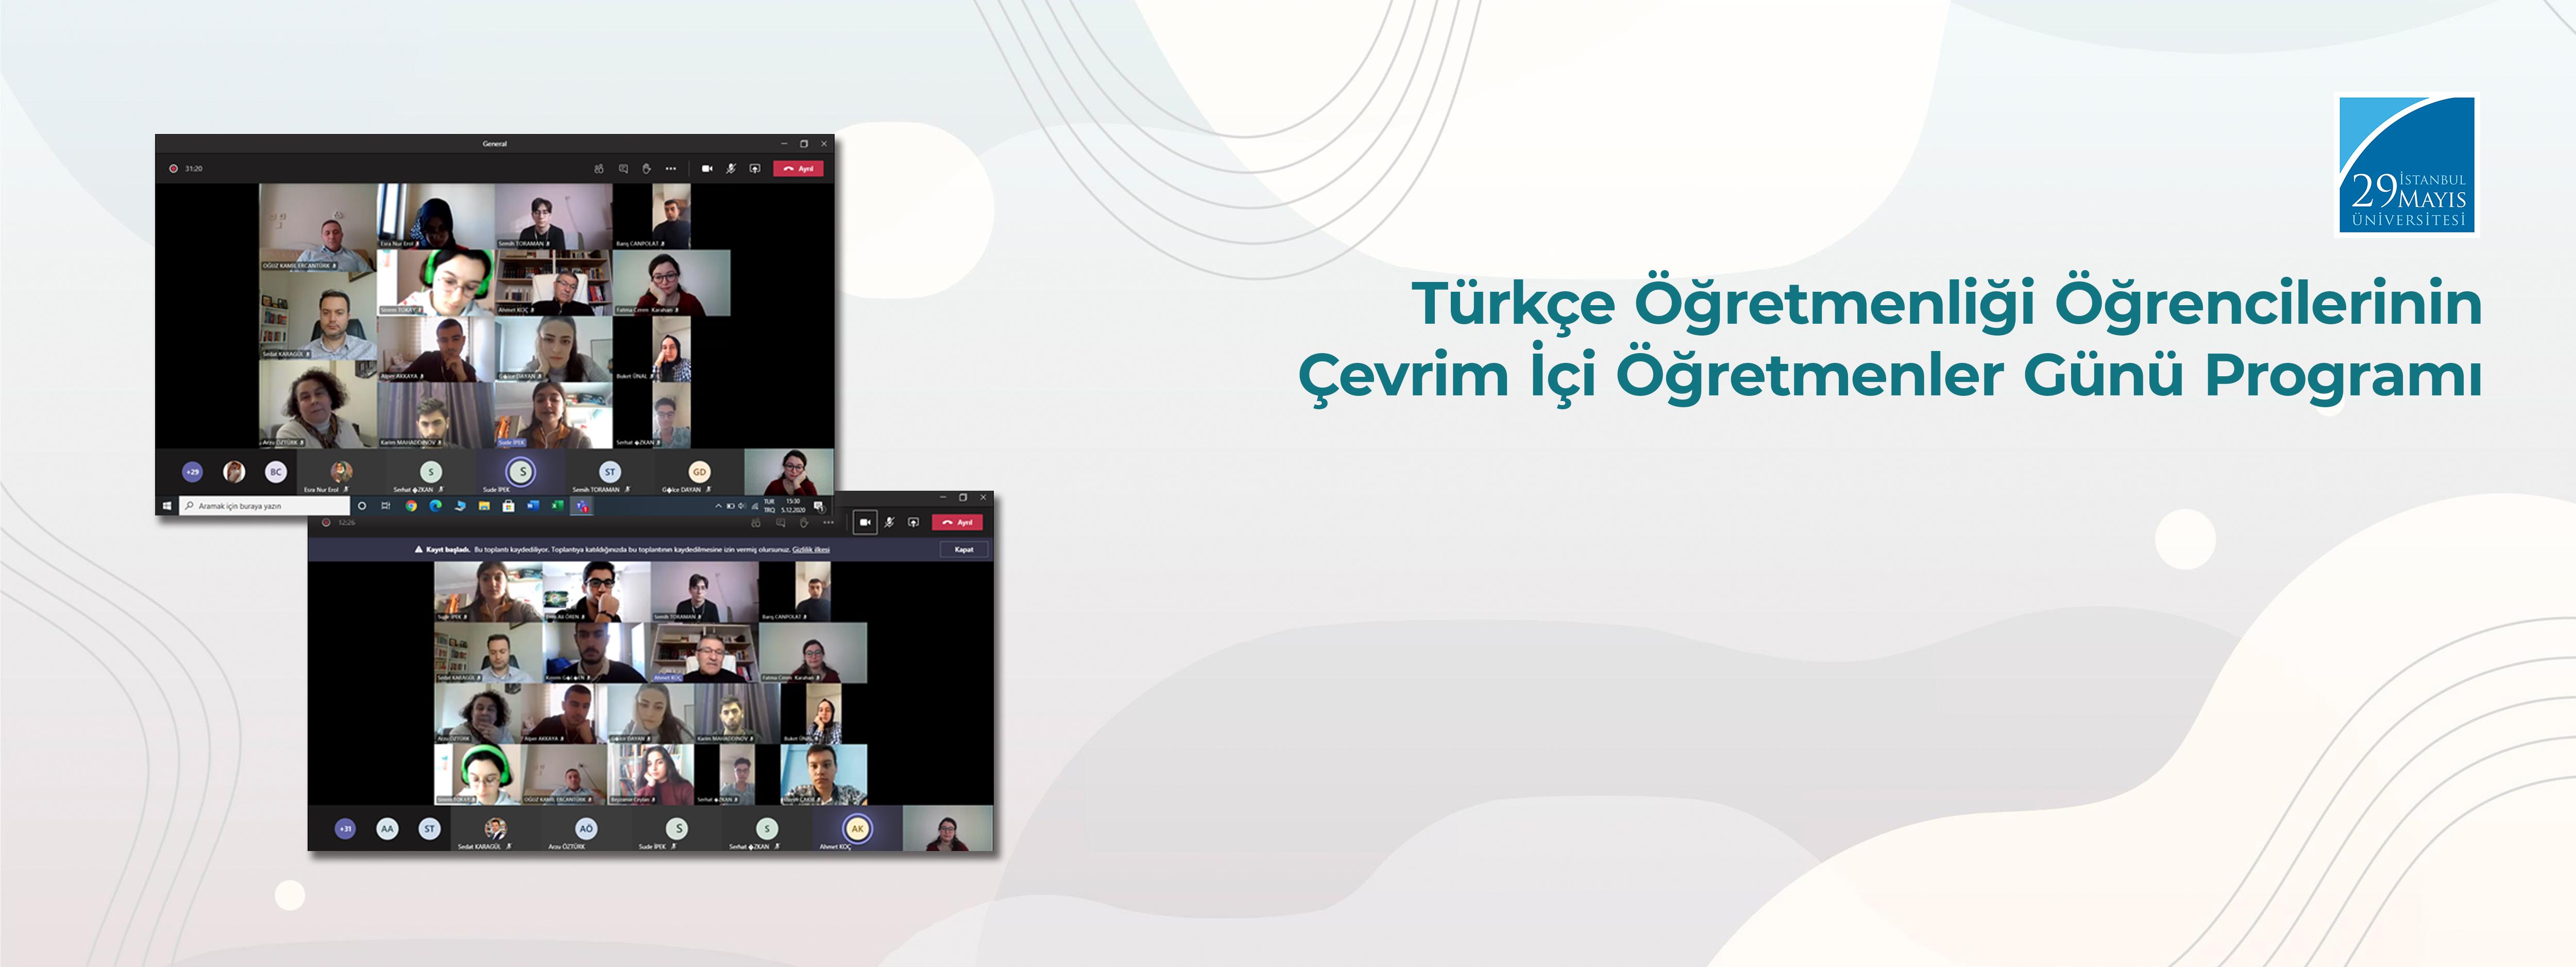 Türkçe Öğretmenliği Öğrencilerinin Çevrim İçi Öğretmenler Günü Programı